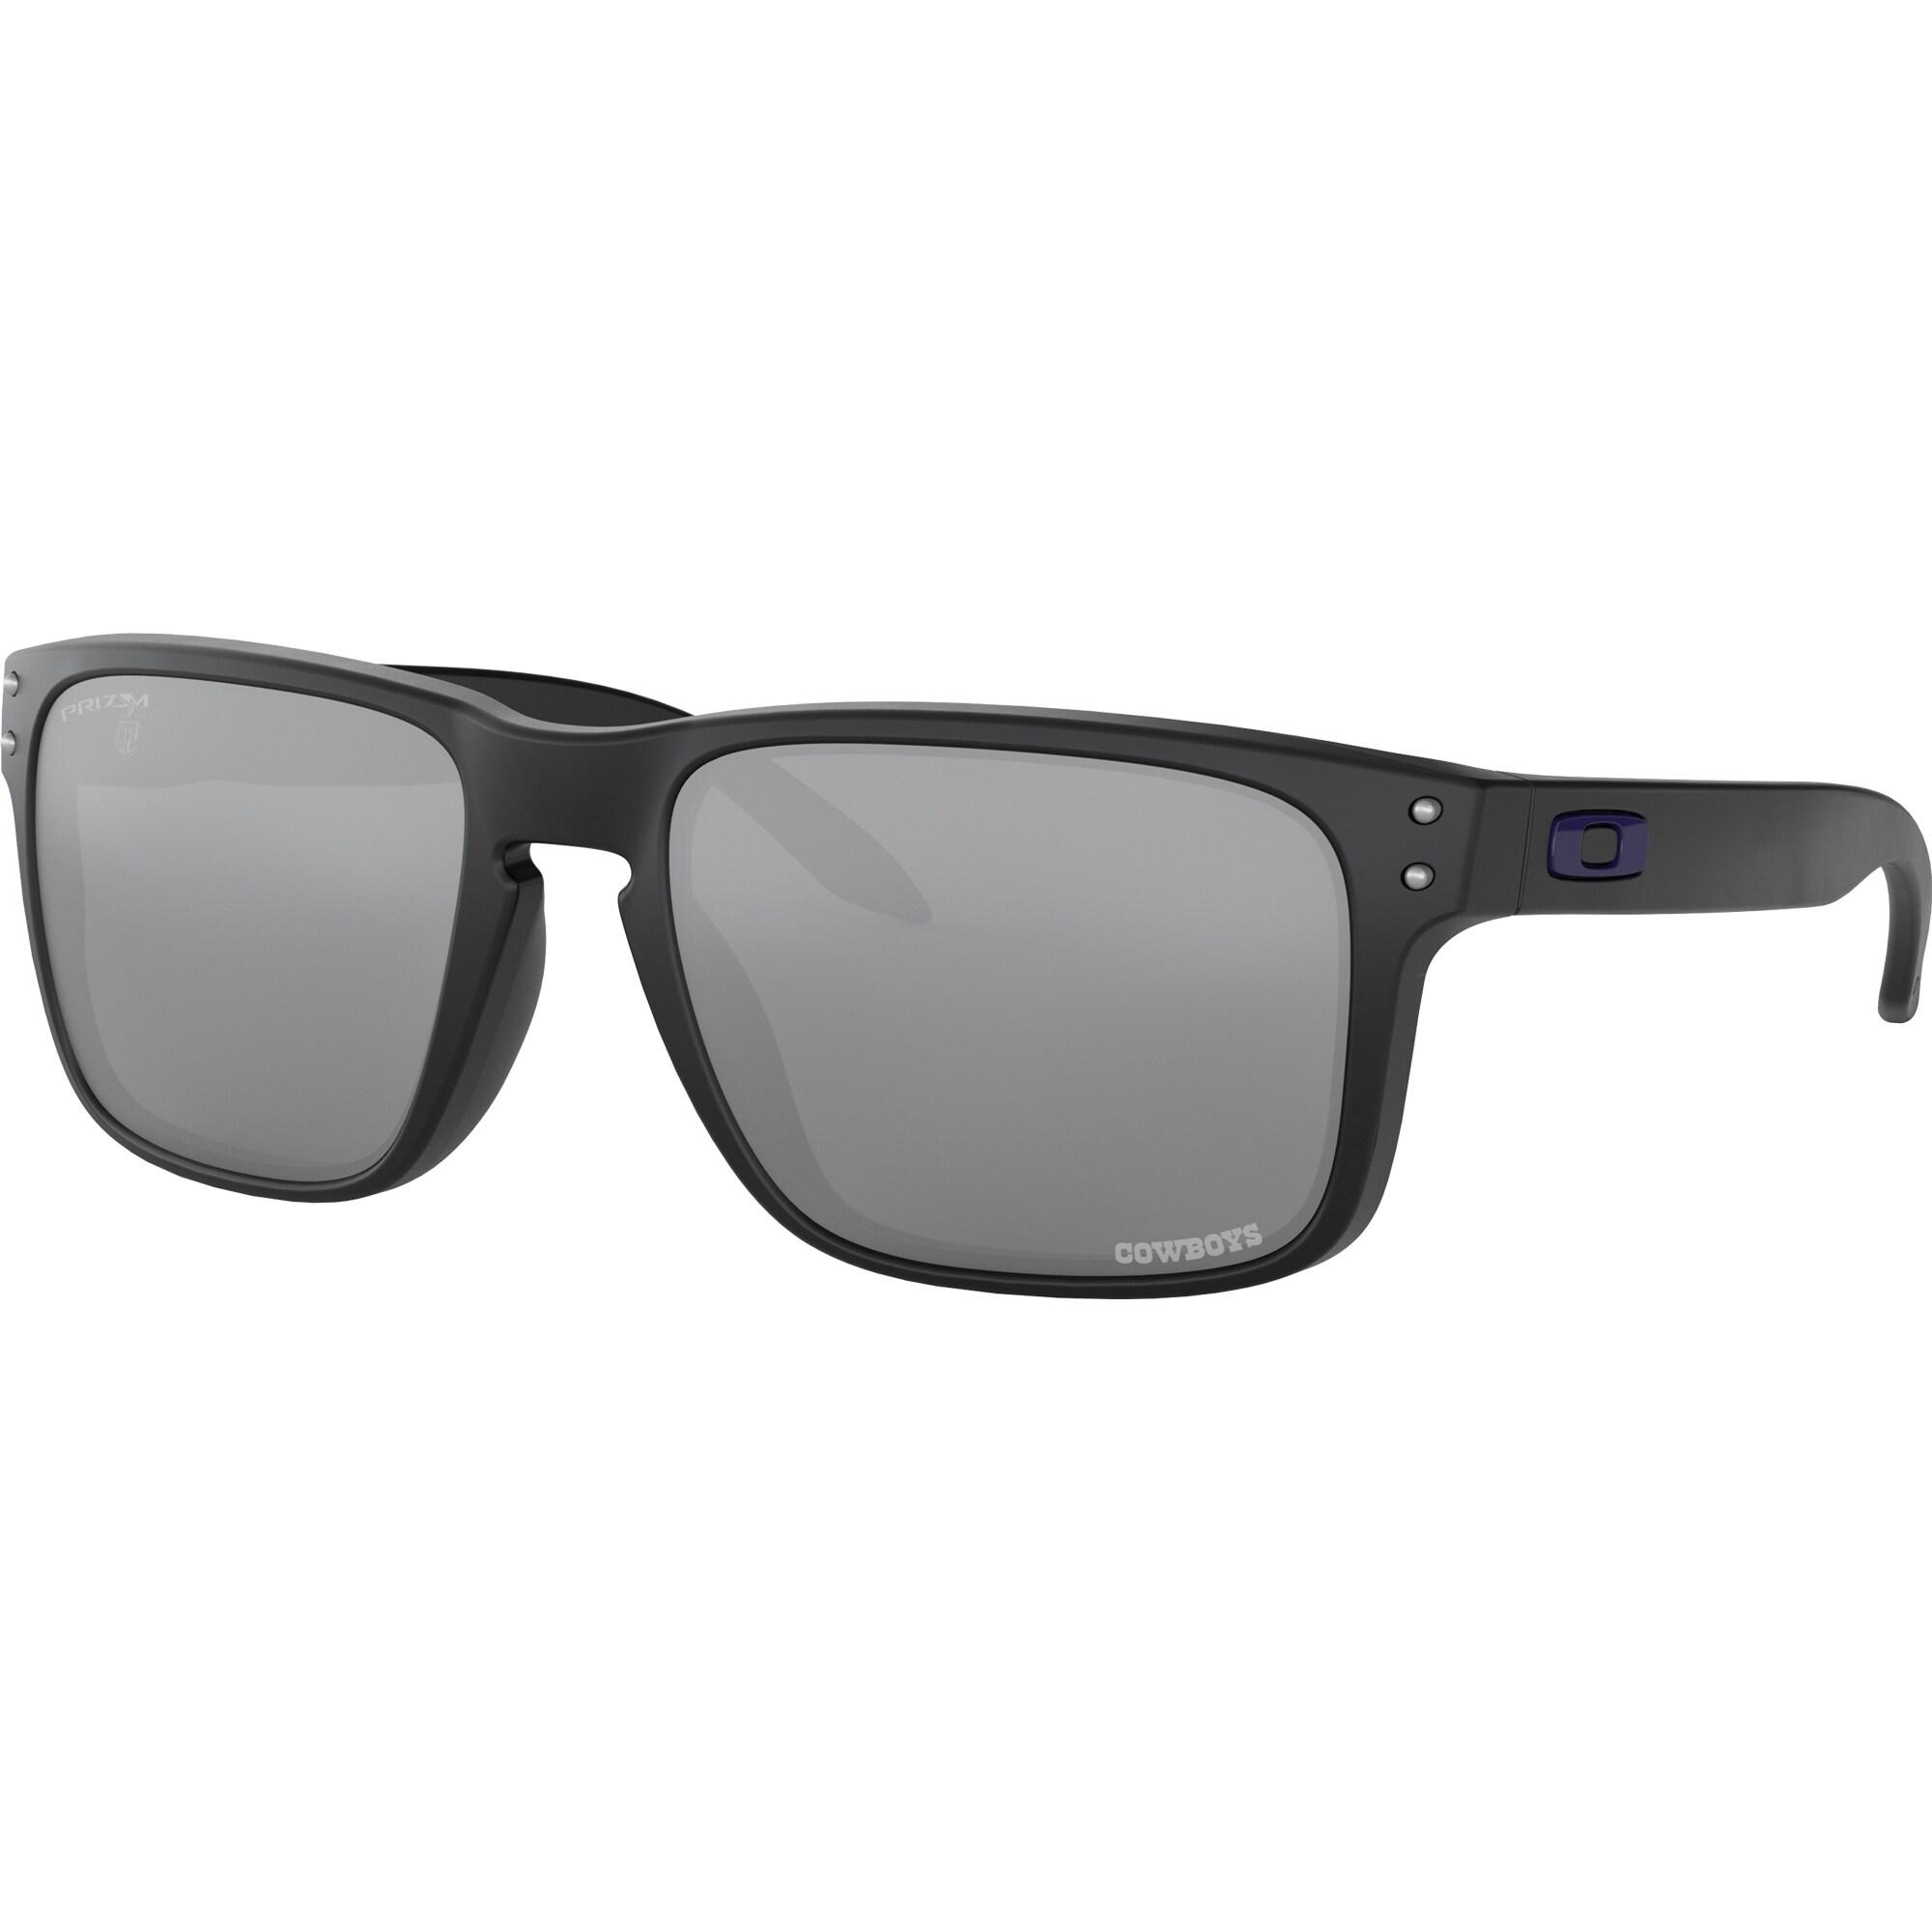 Dallas Cowboys Oakley Holbrook Sunglasses